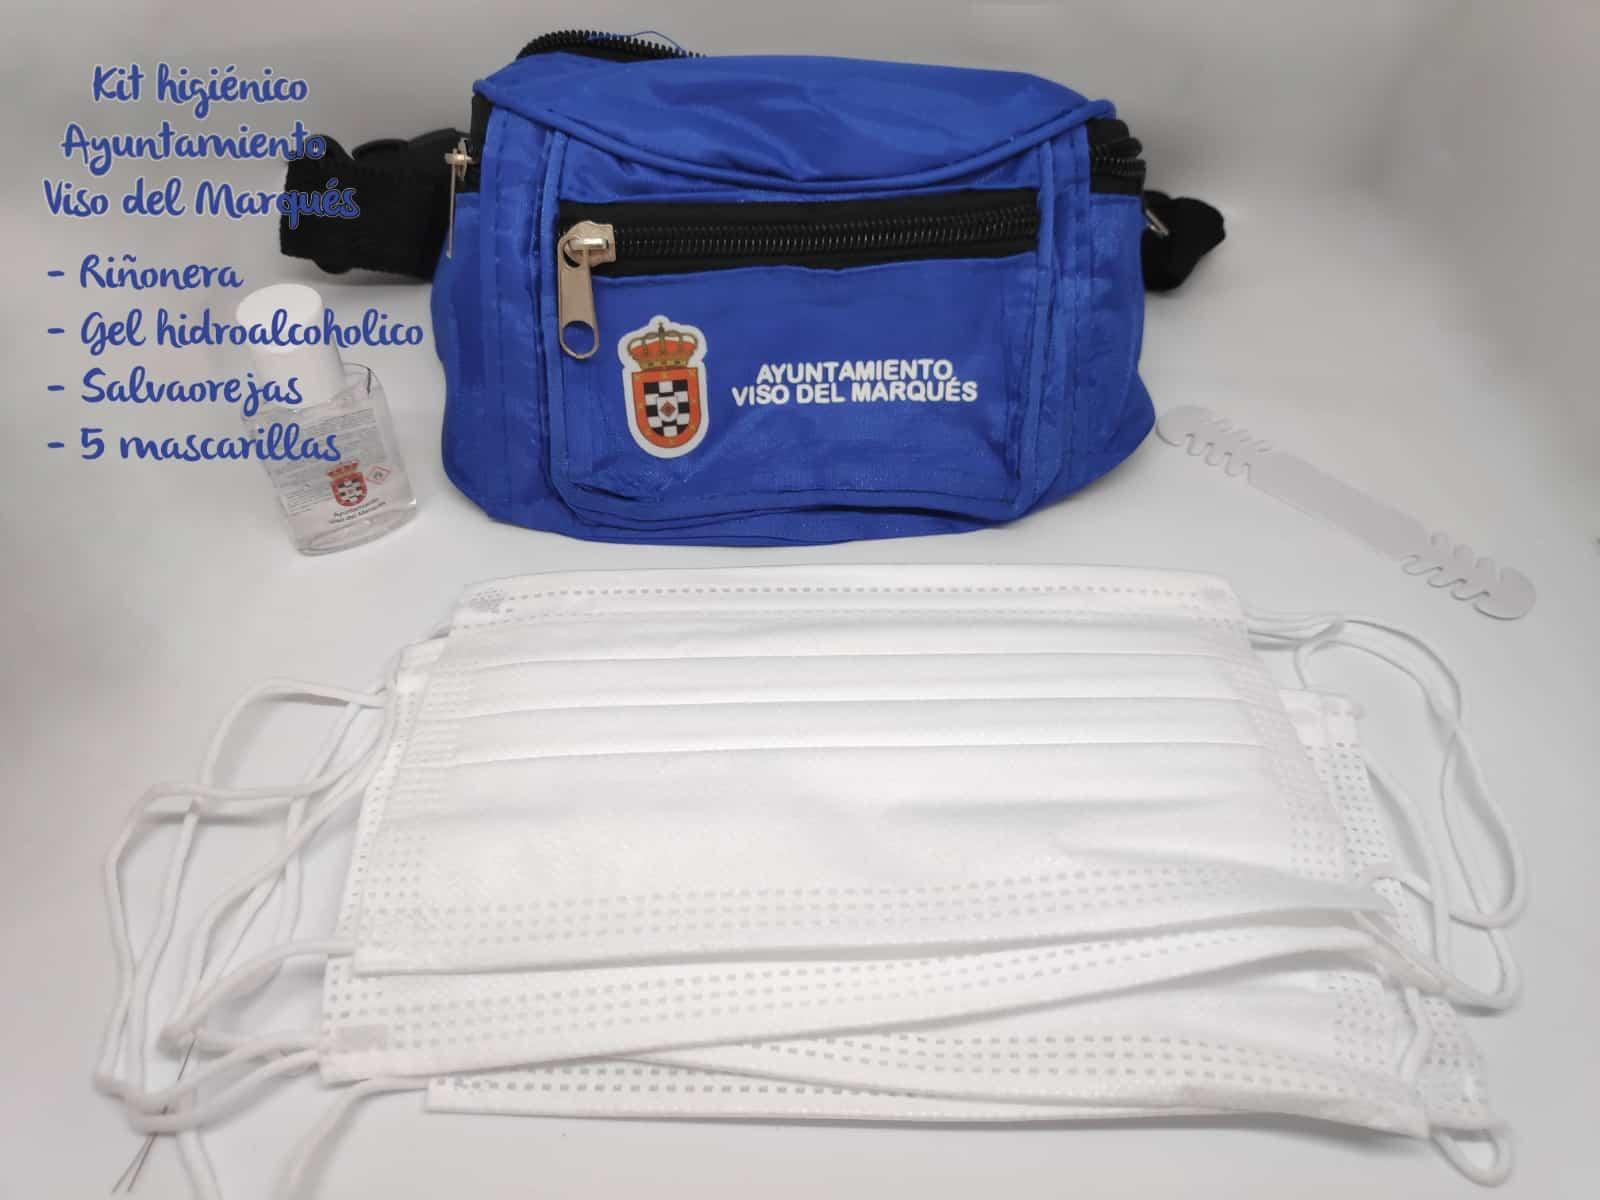 El Ayuntamiento de Viso del Marqués distribuye un kit anti-Covid entre el alumnado 3